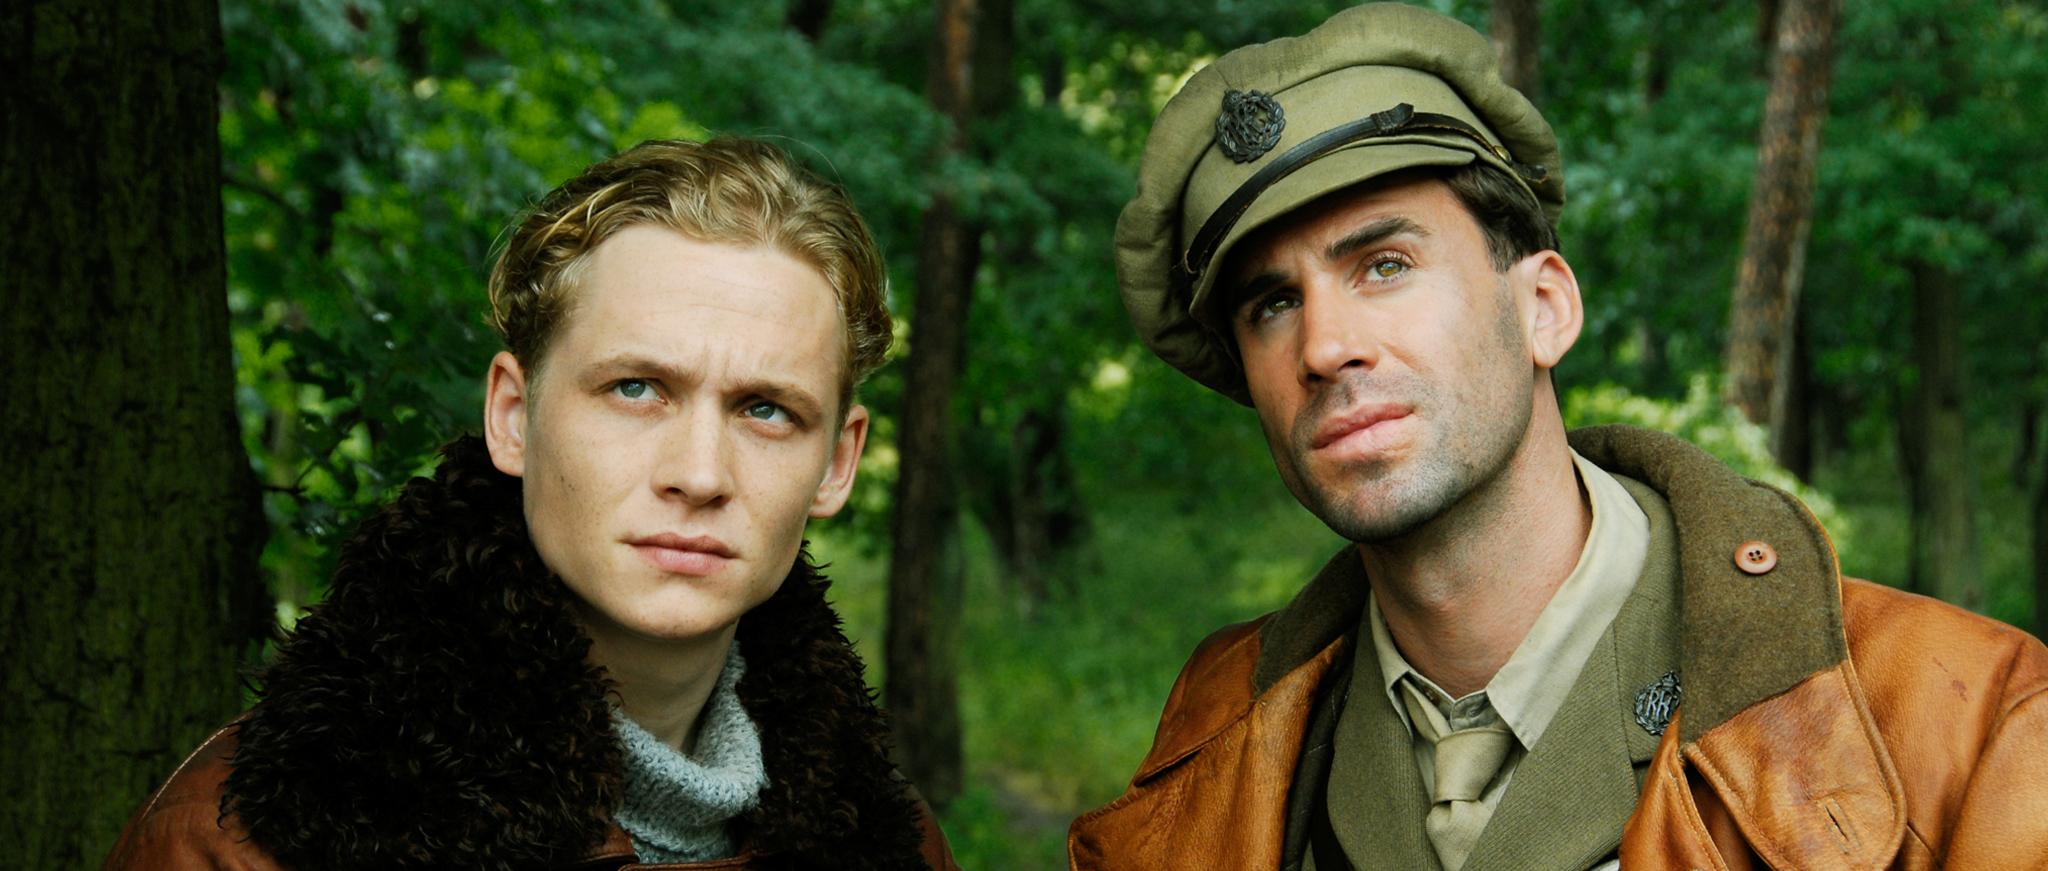 Joseph Fiennes and Matthias Schweighöfer in Der Rote Baron (2008)